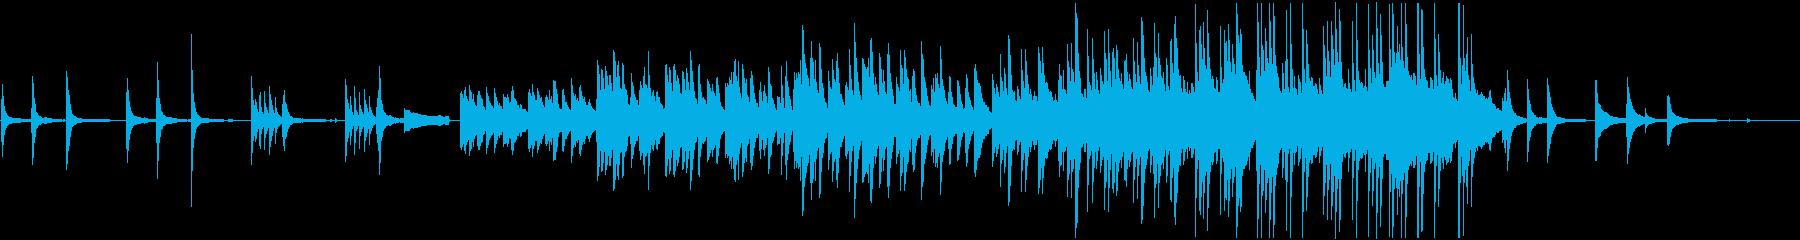 「霧雨の降る夜」ピアノソロの再生済みの波形